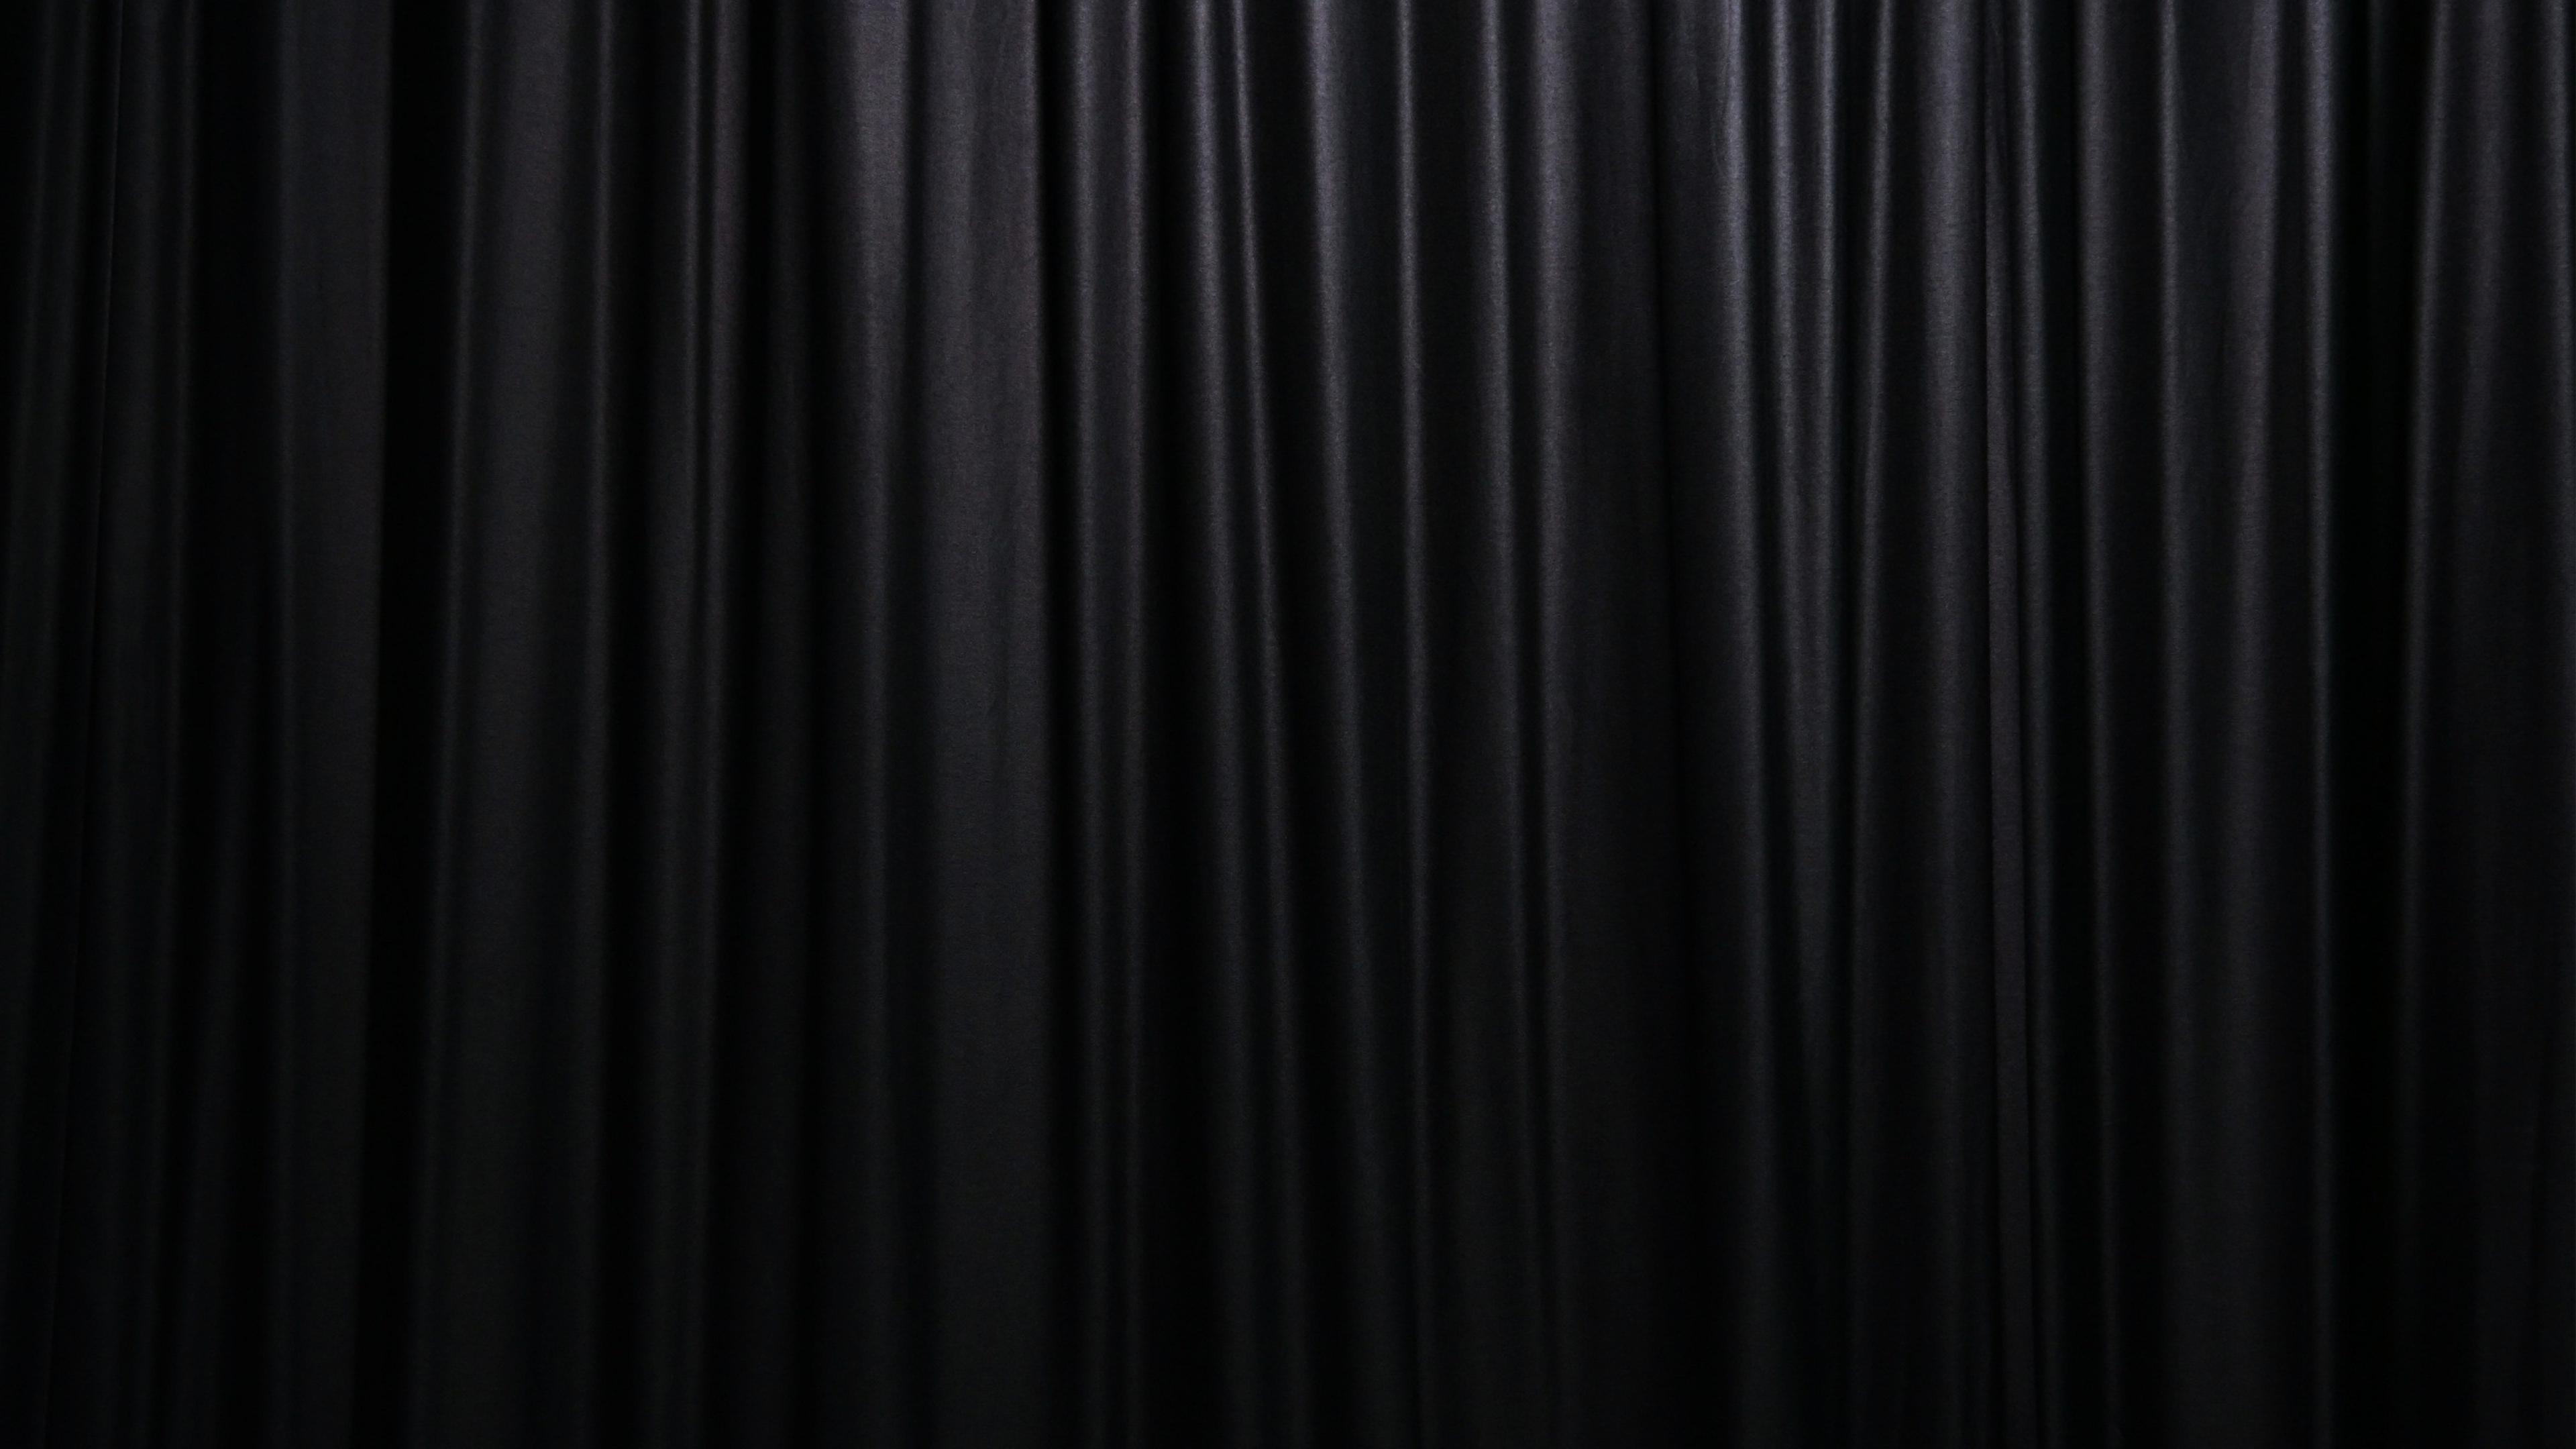 45+] 4K Dark Wallpaper on WallpaperSafari